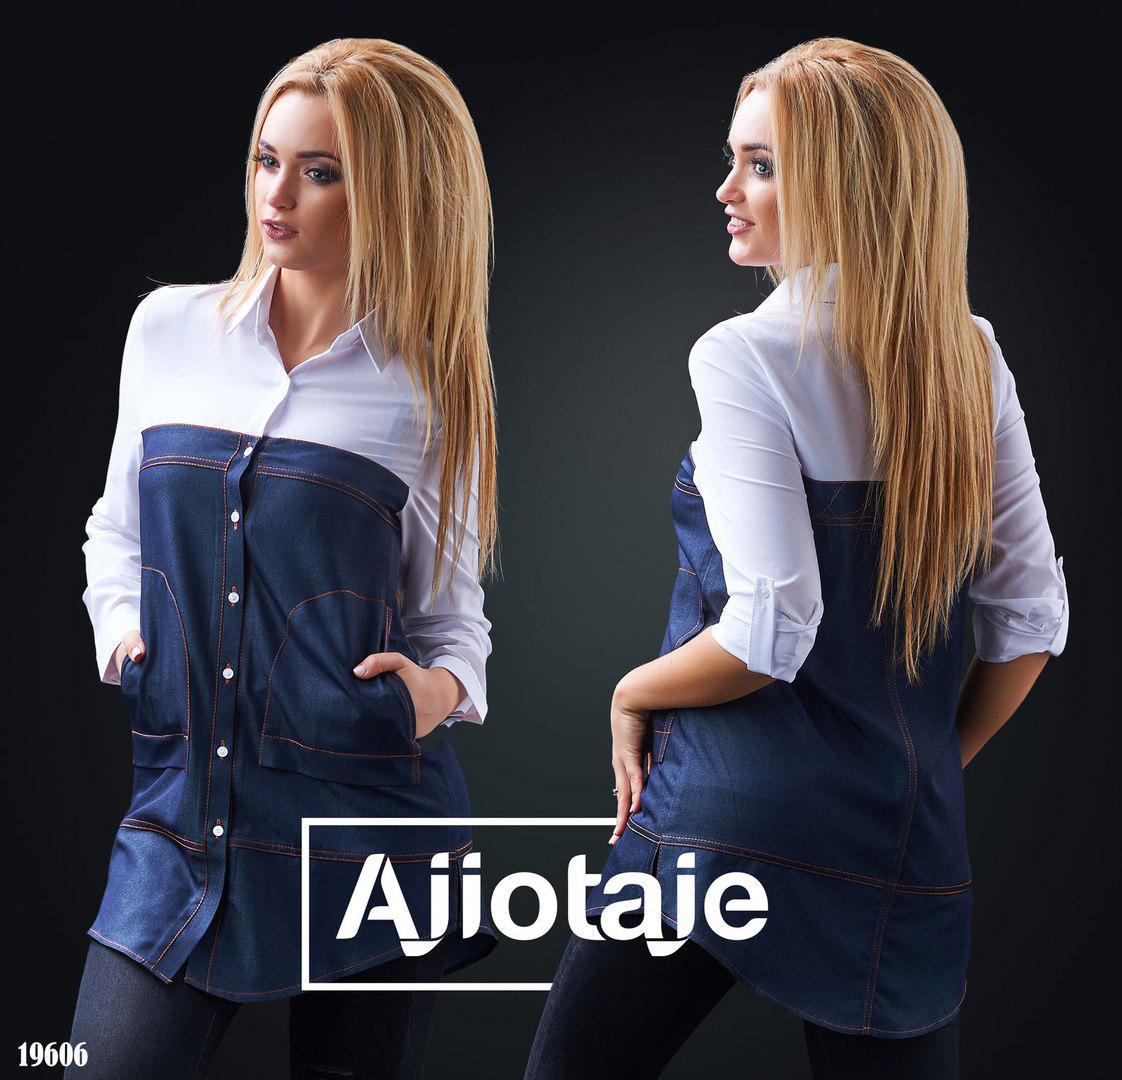 54b07cc5fa4 Синяя женская комбинированная рубашка-туника на пуговицах с белой вставкой  и рукавом 3 4